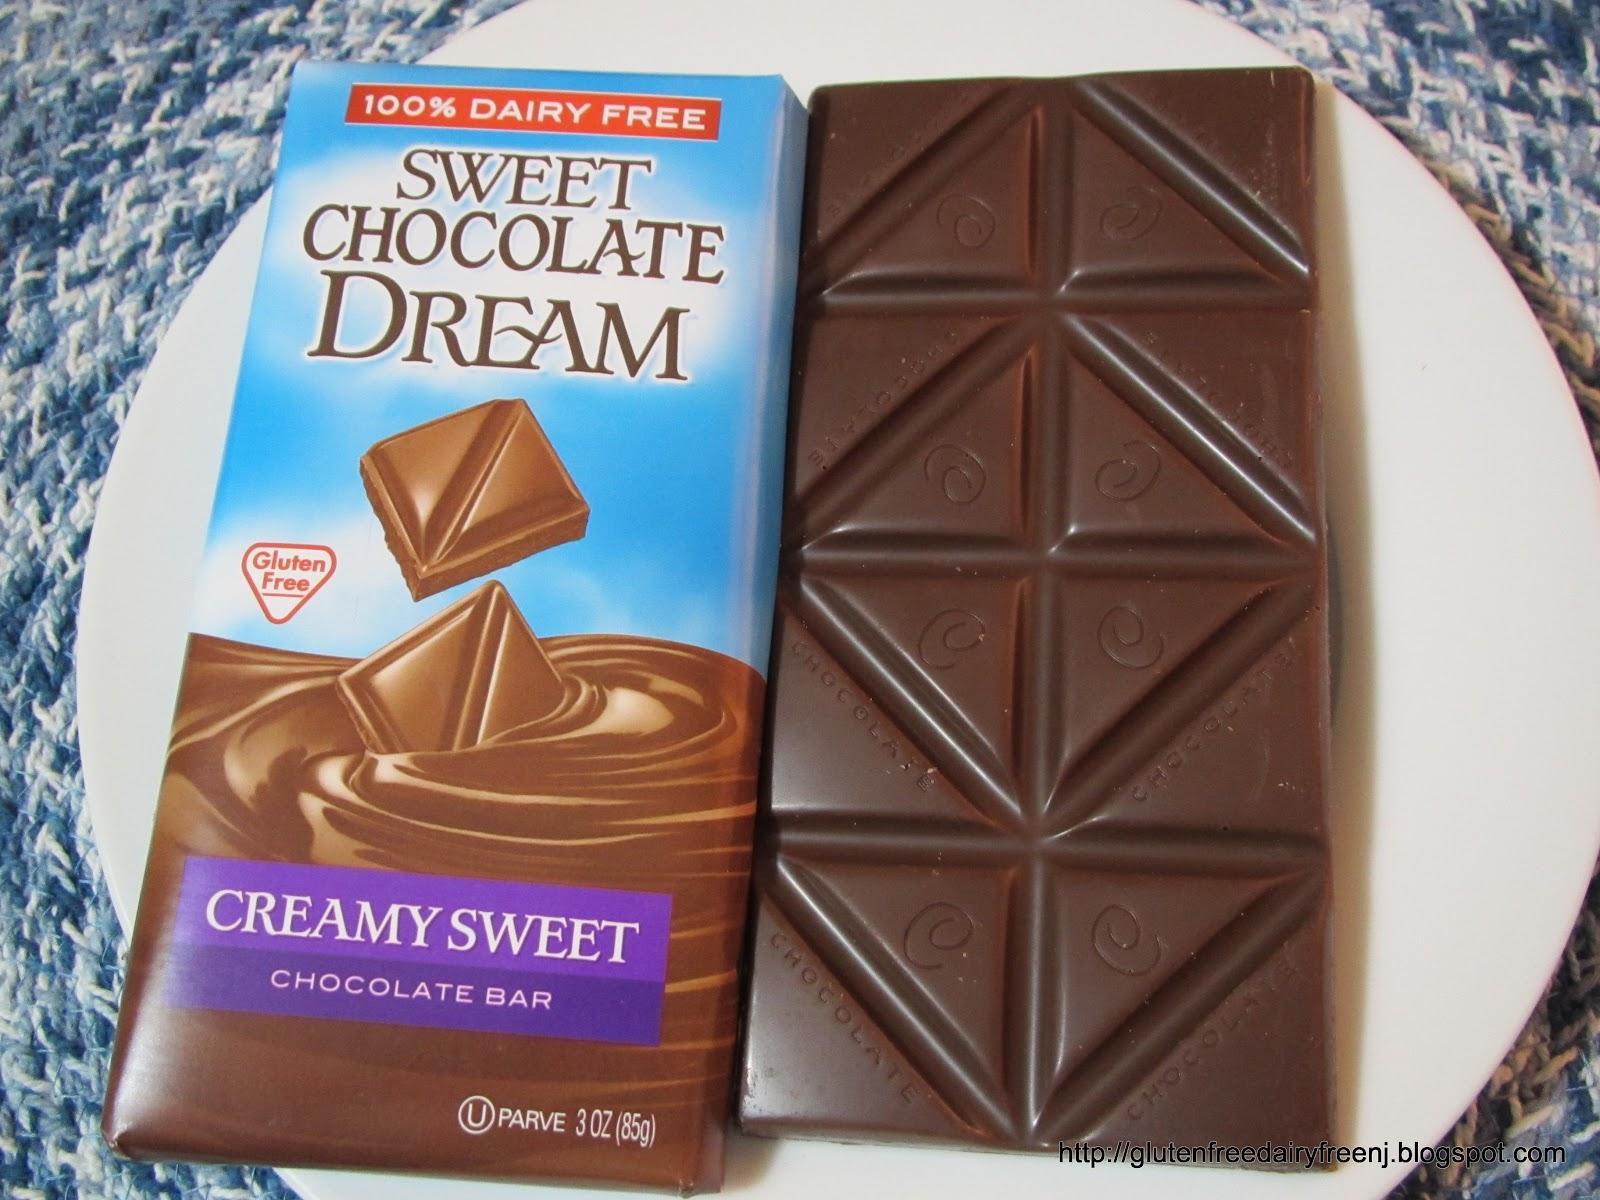 Dairy Free Milk Chocolate Bars | Gluten Free / Dairy Free NJ